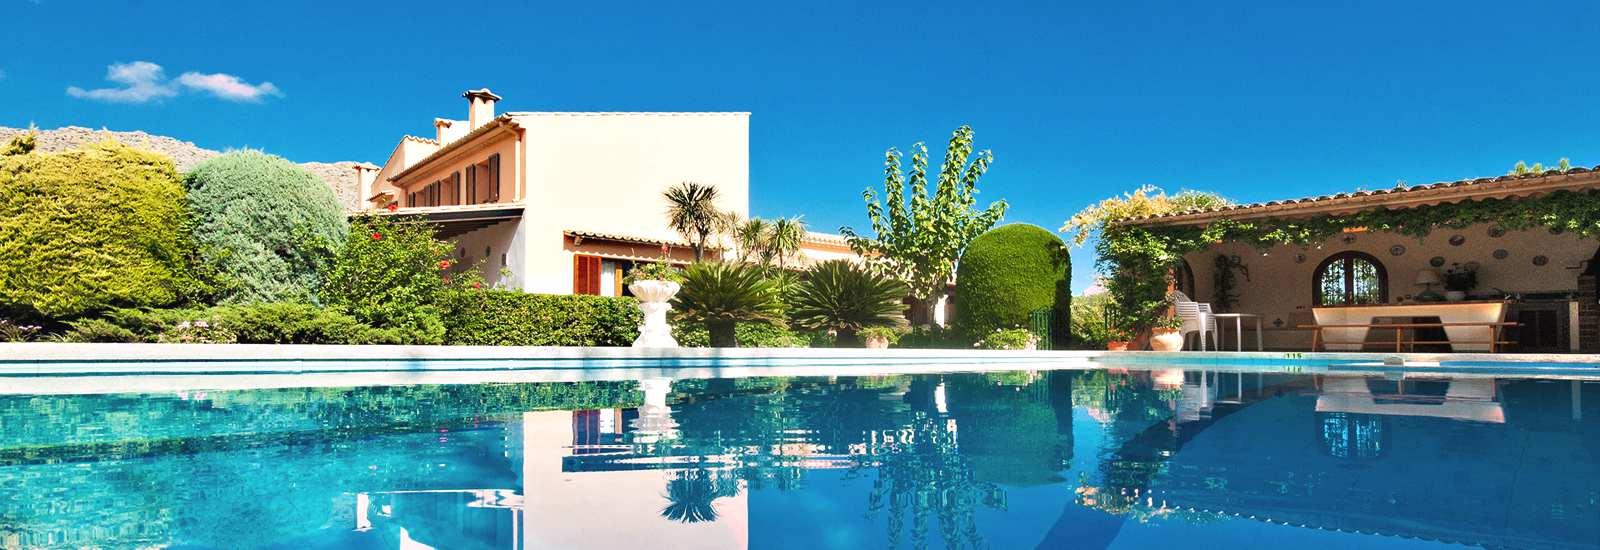 Luxus finca mallorca mieten villa ferienhaus ferienwohnung for Mallorca ferienhaus mieten